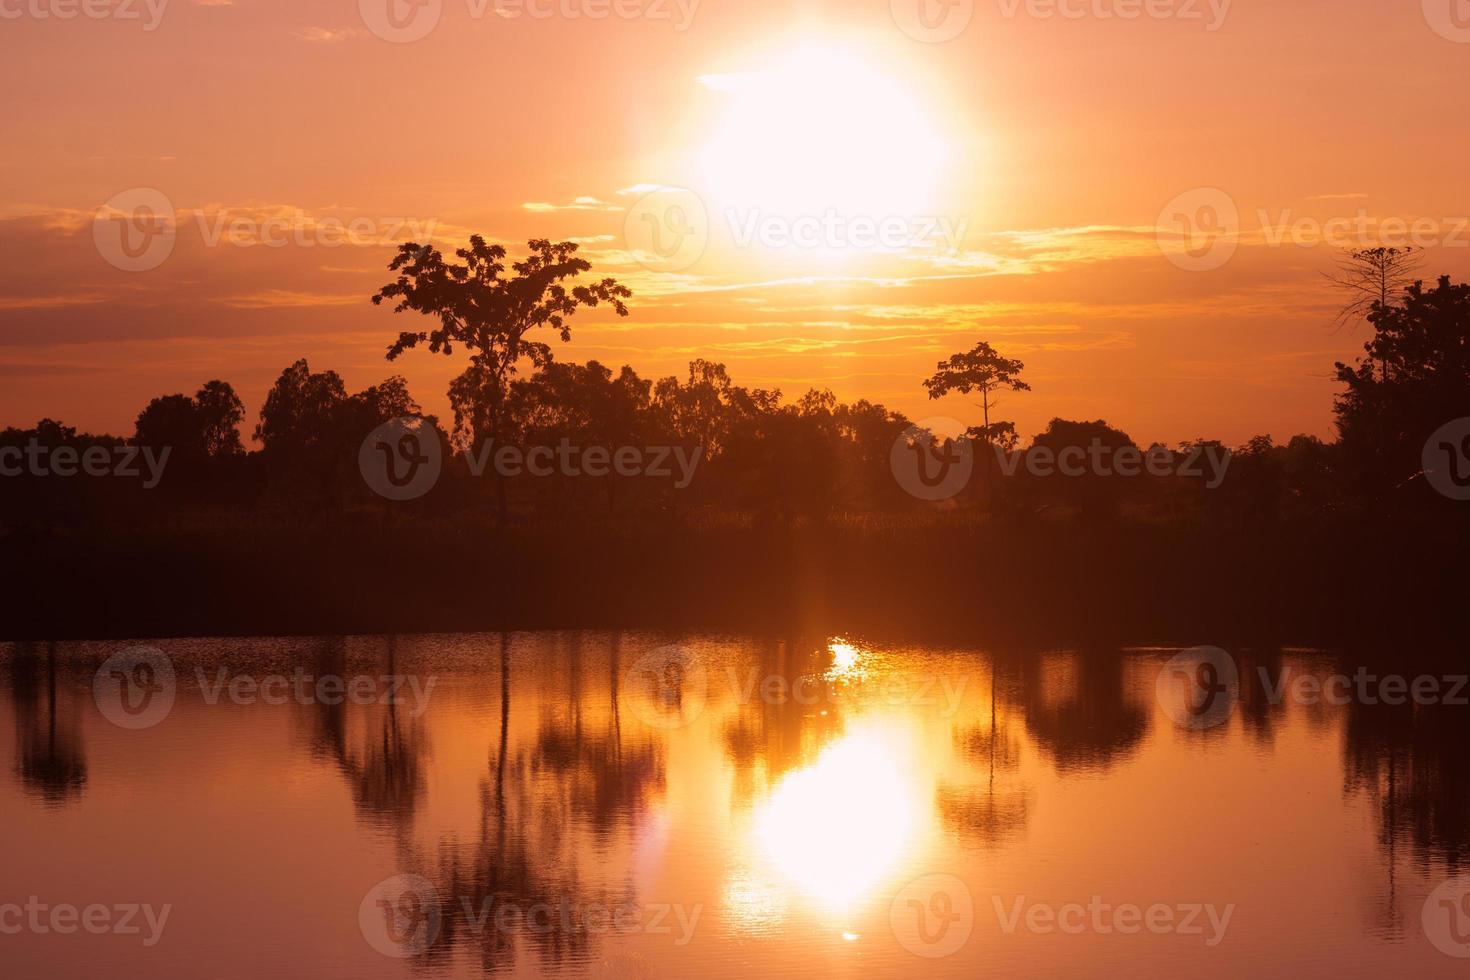 träd silhuett med solnedgång himmel nära floden foto